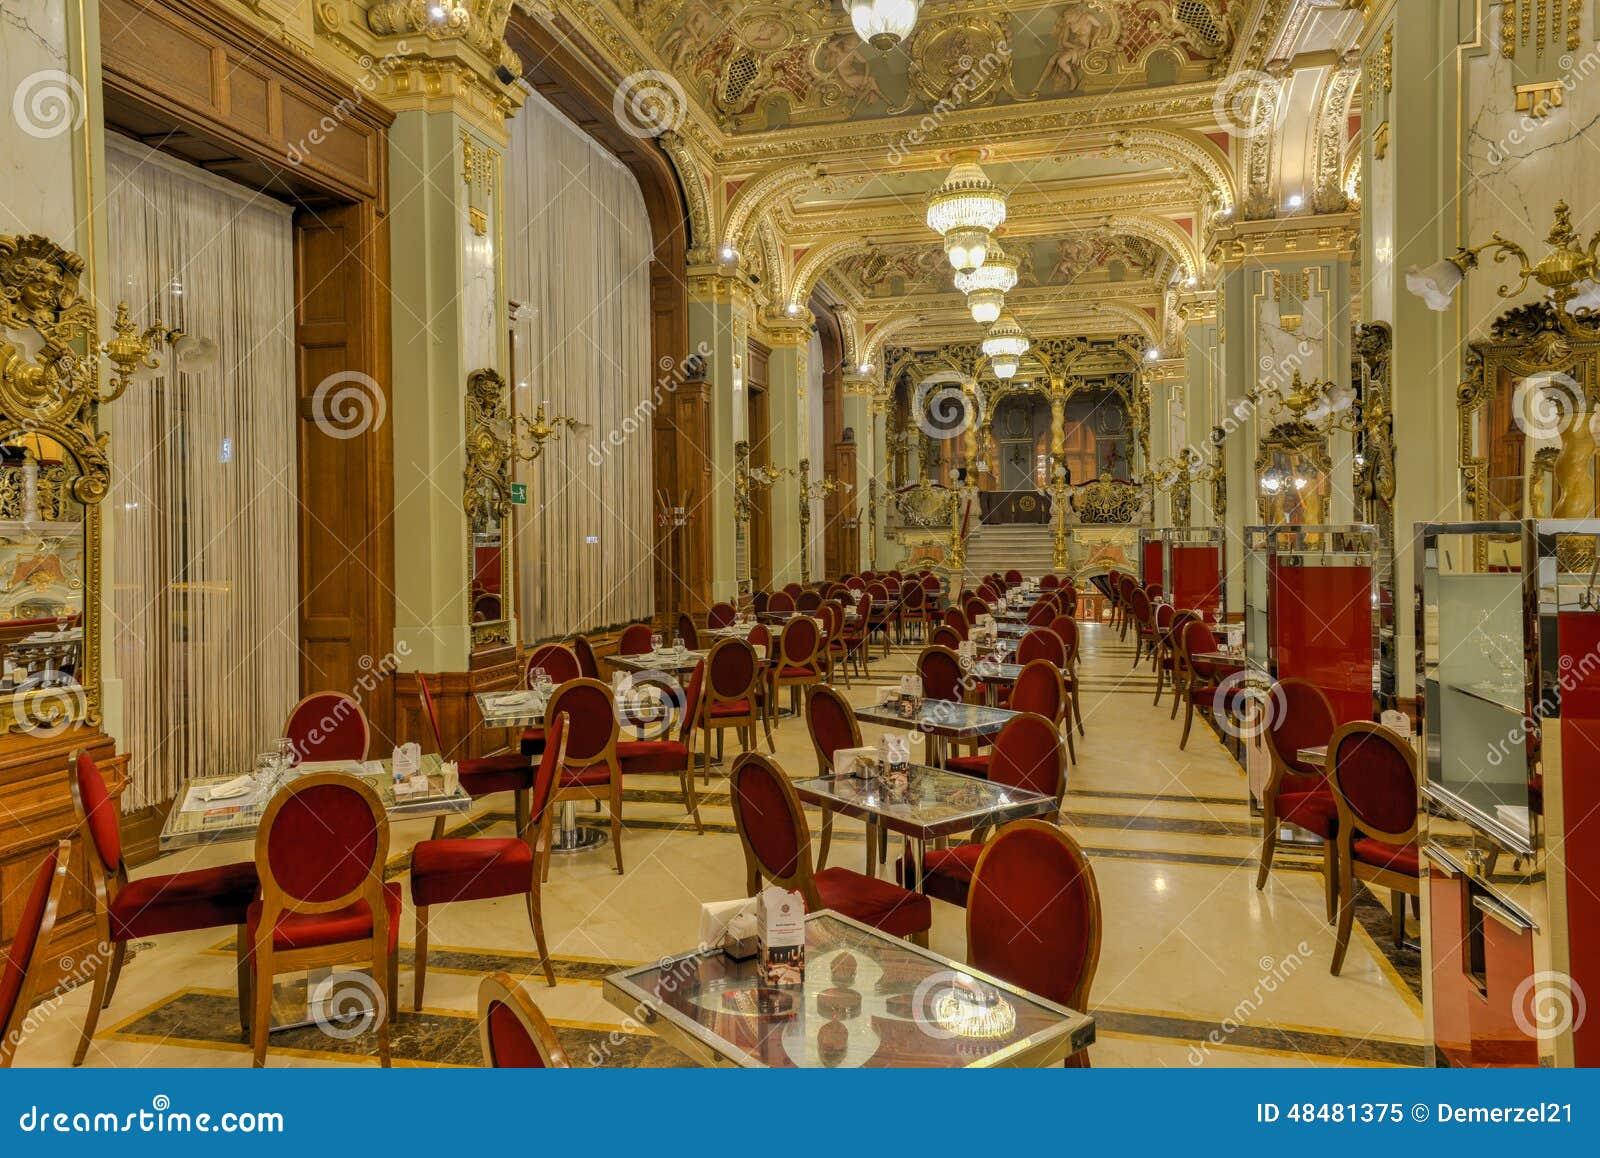 New- Yorkcafé - Budapest, Ungarn Redaktionelles Bild - Bild von ...